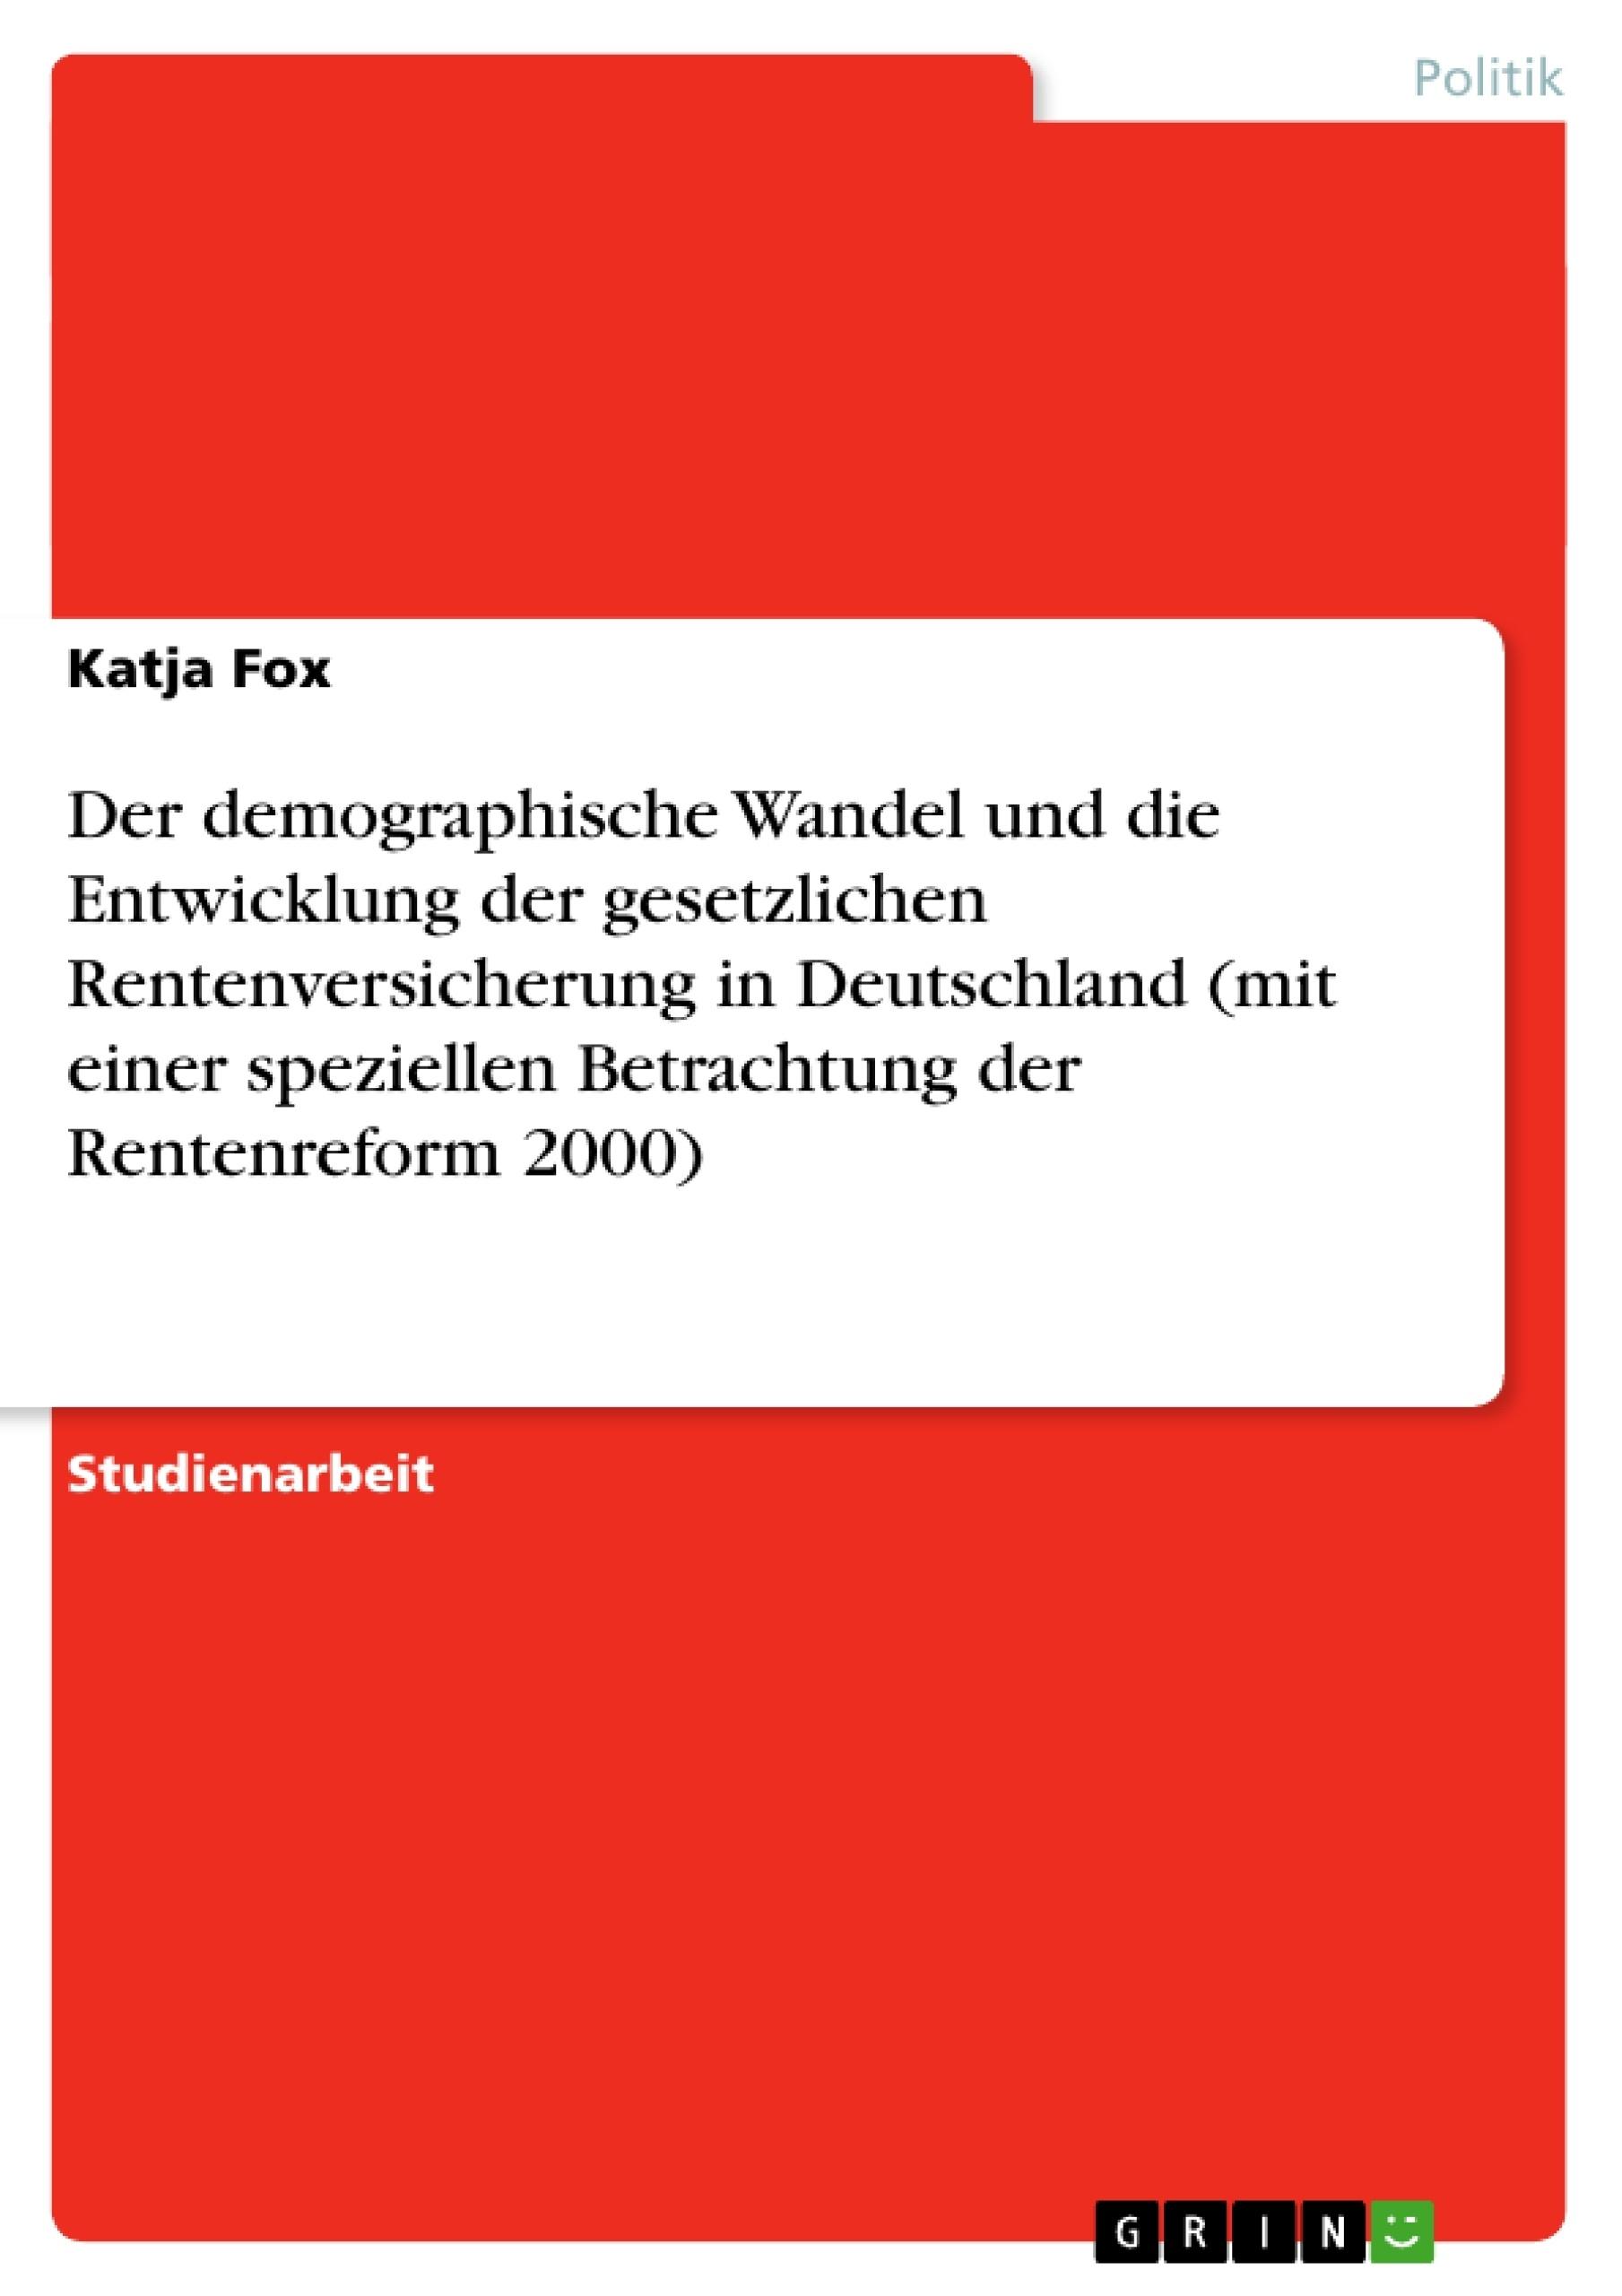 Titel: Der demographische Wandel und die Entwicklung der gesetzlichen Rentenversicherung in Deutschland (mit einer speziellen Betrachtung der Rentenreform 2000)